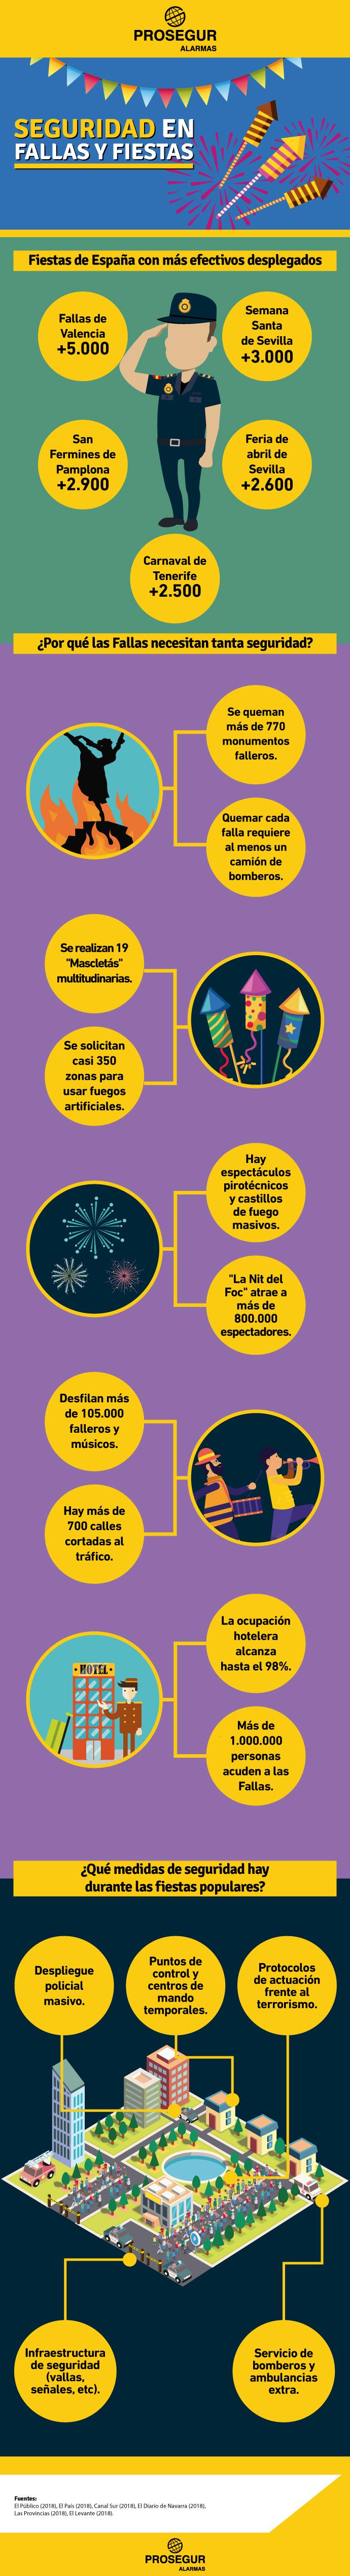 Medidas de seguridad en fallas y fiestas españolas